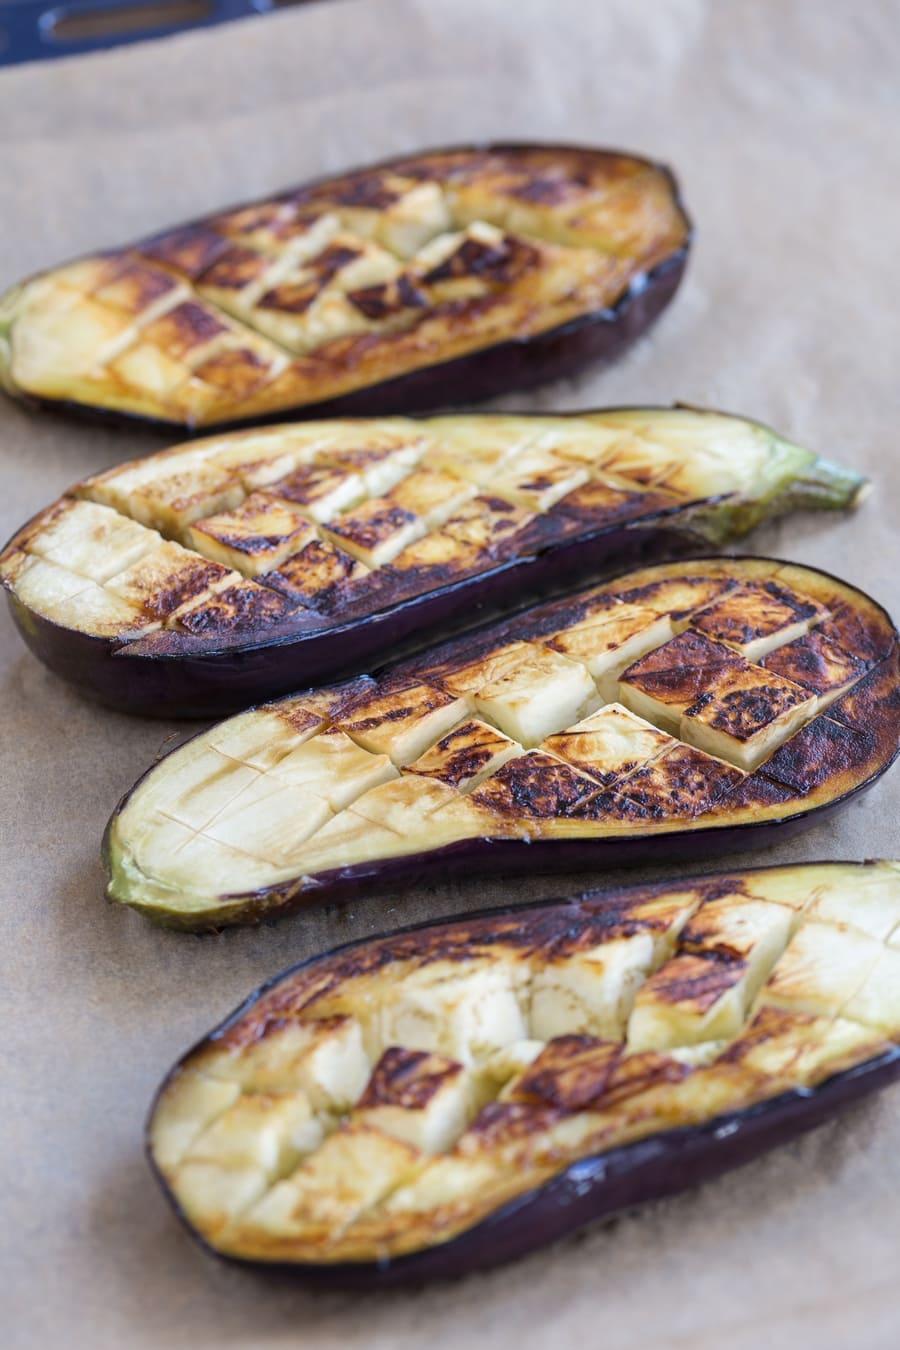 Blackened eggplants on an oven tray.